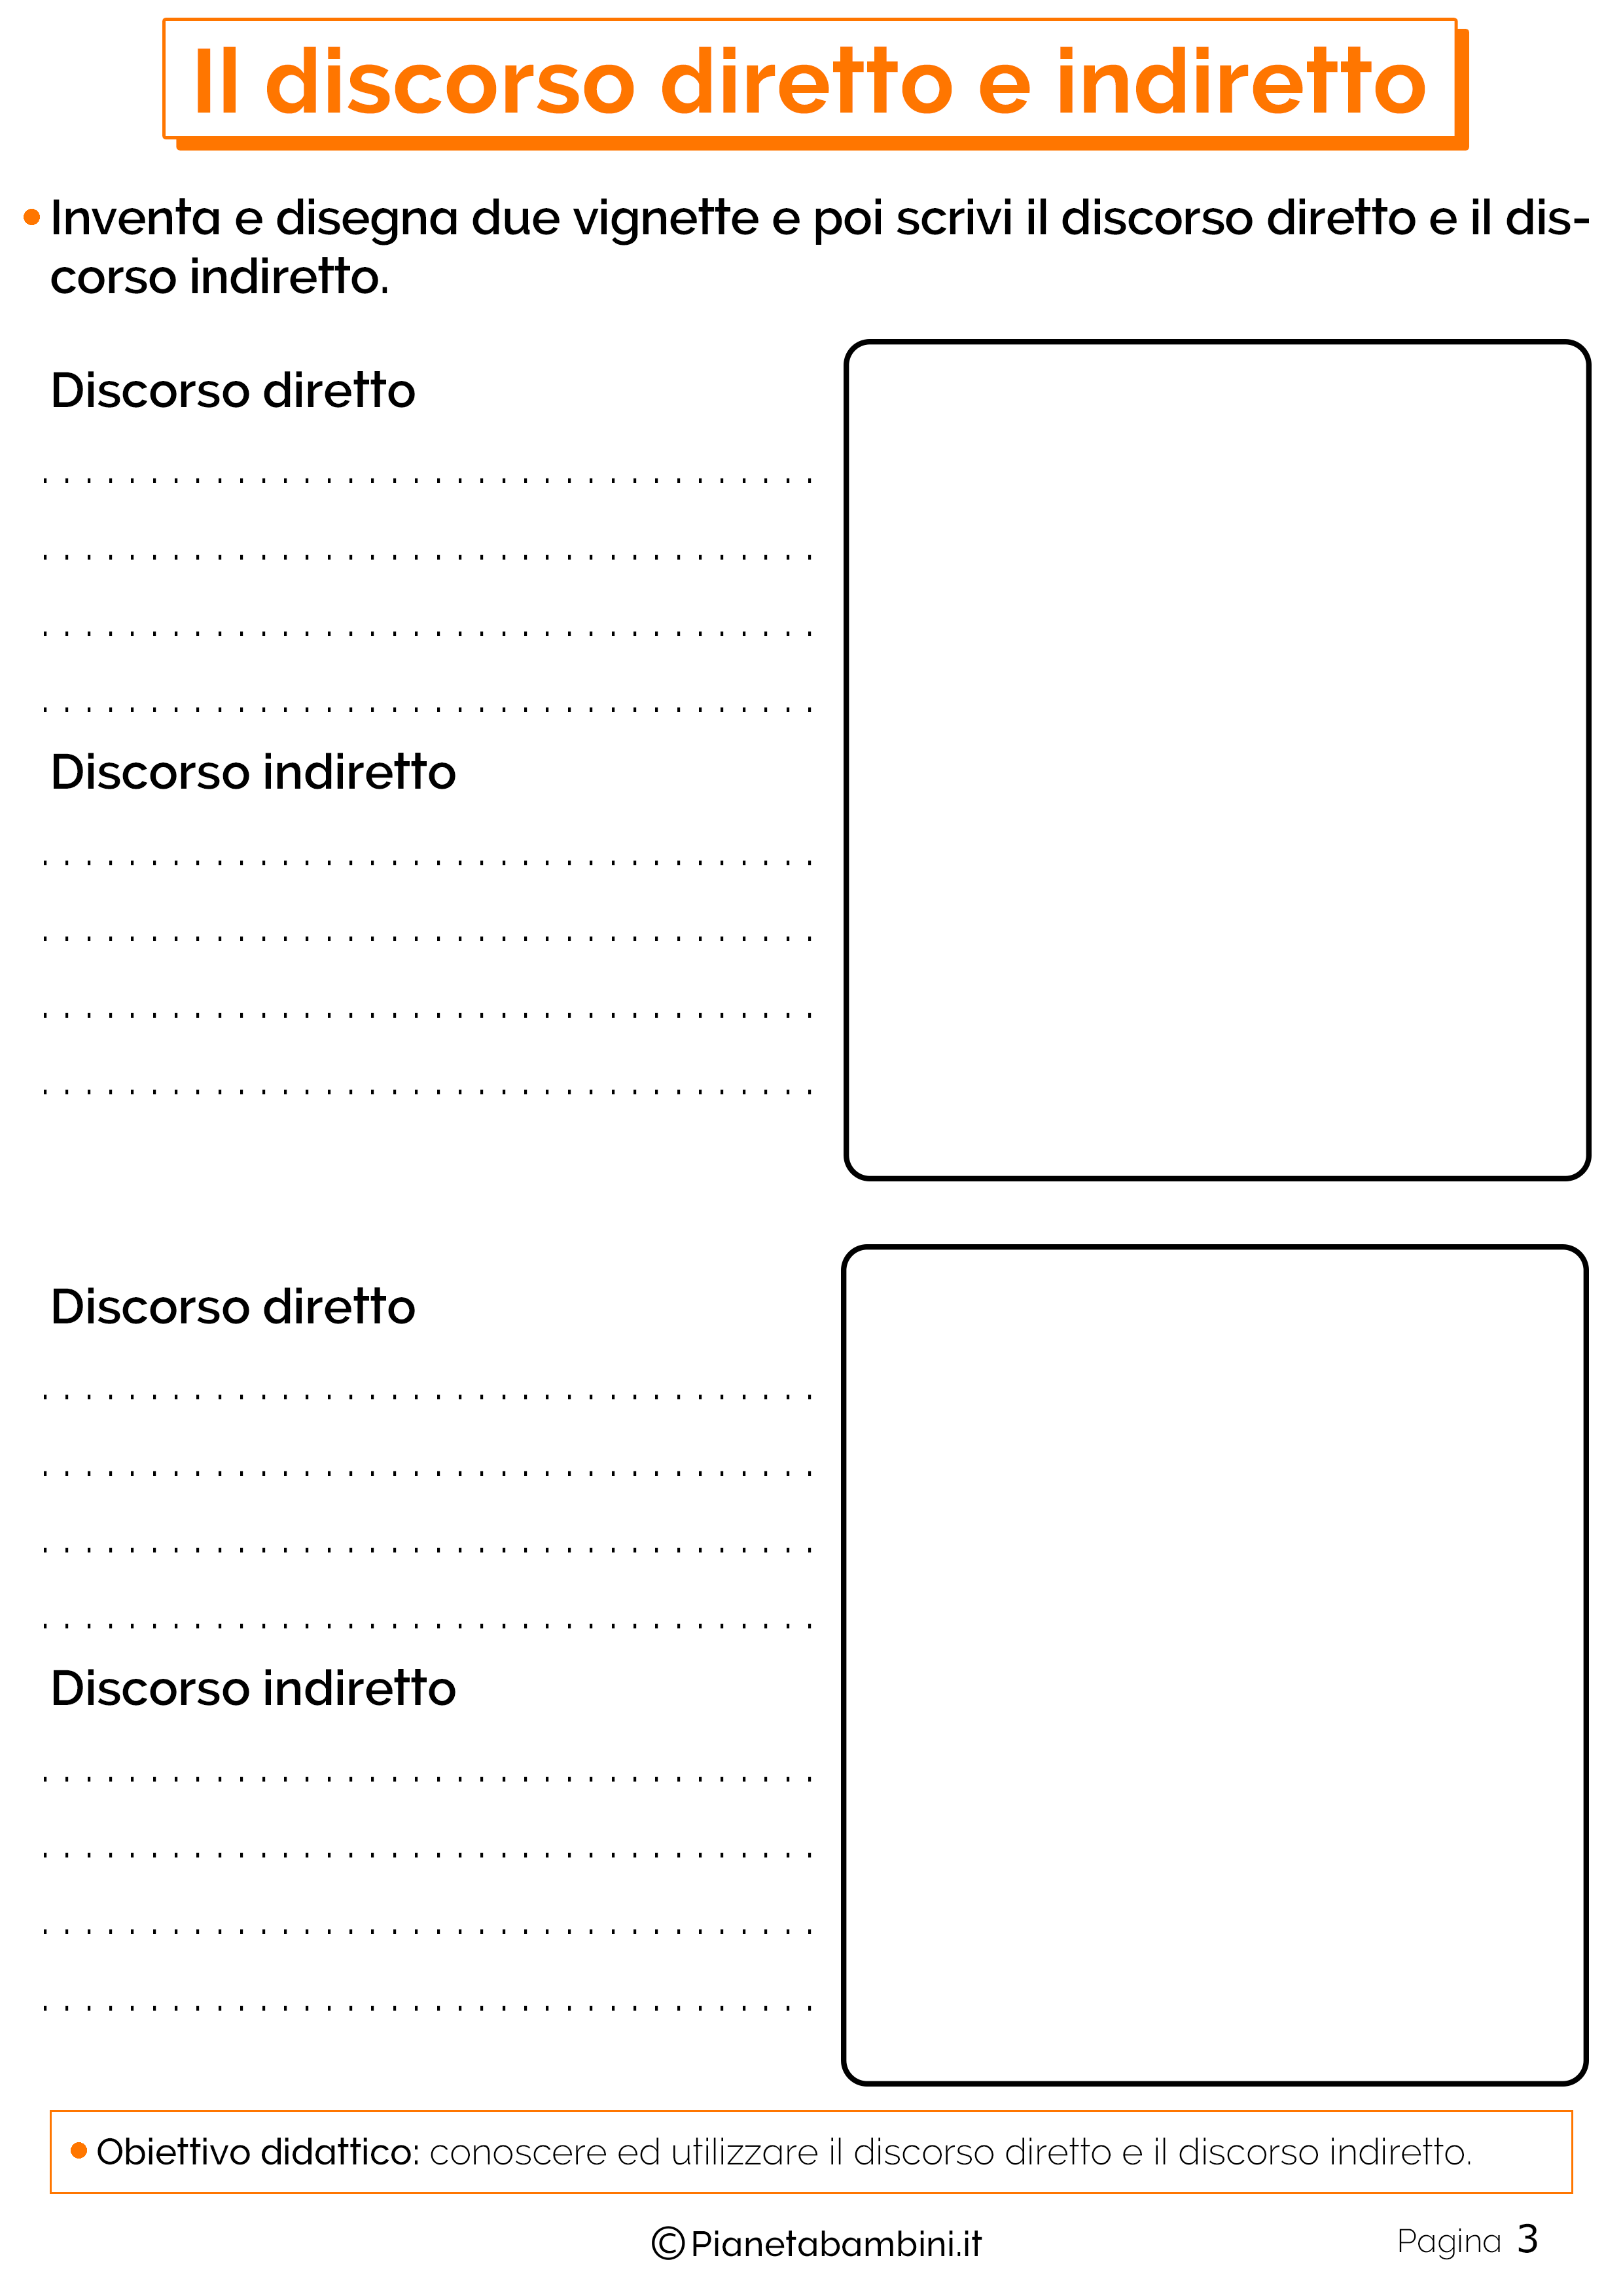 Esercizi sul discorso diretto e indiretto 3